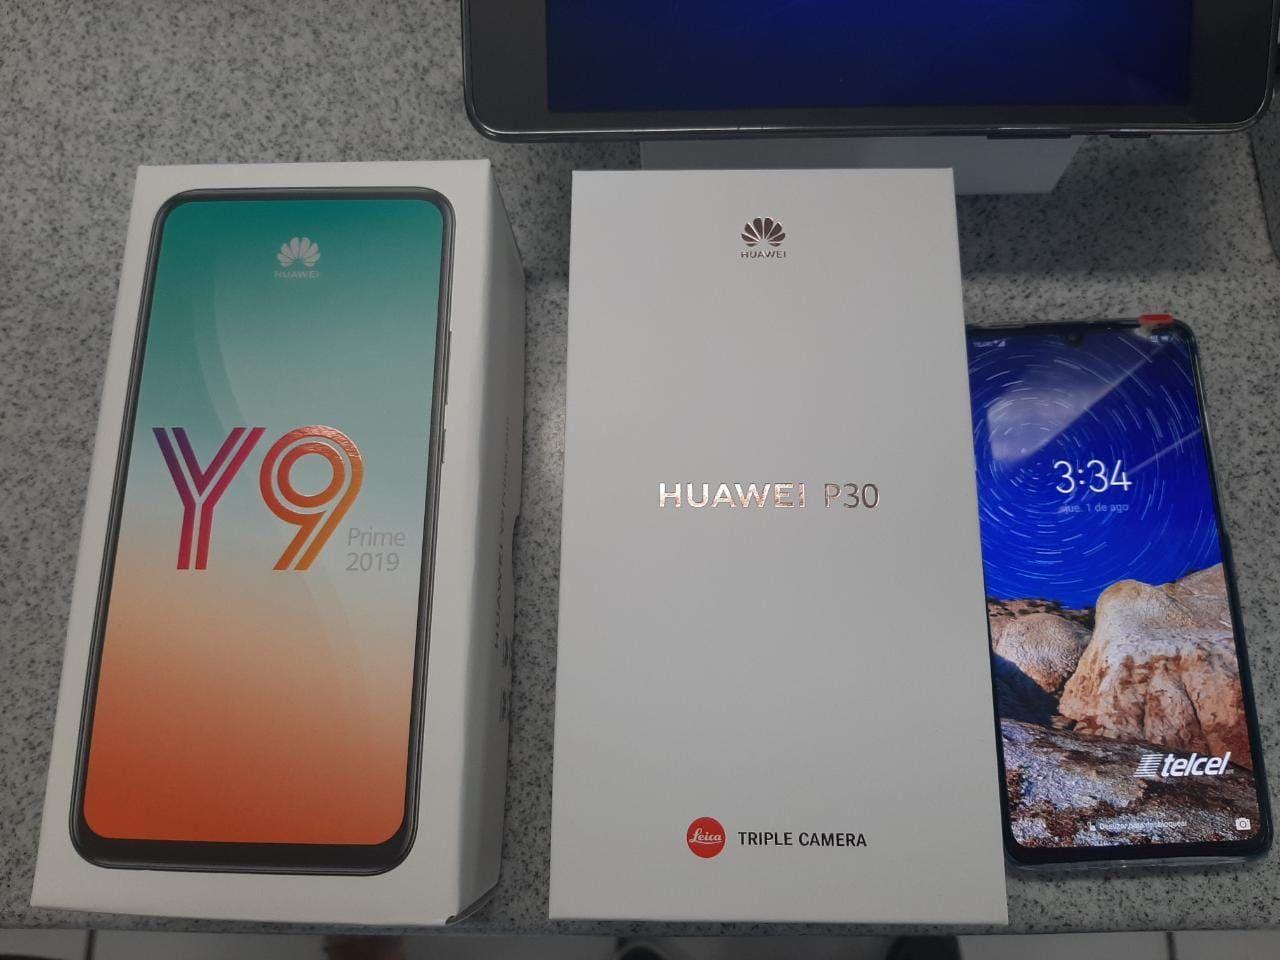 Telcel: Compra Huawei p30 telcel, gratis y9 Prime valor de $6500 aprox